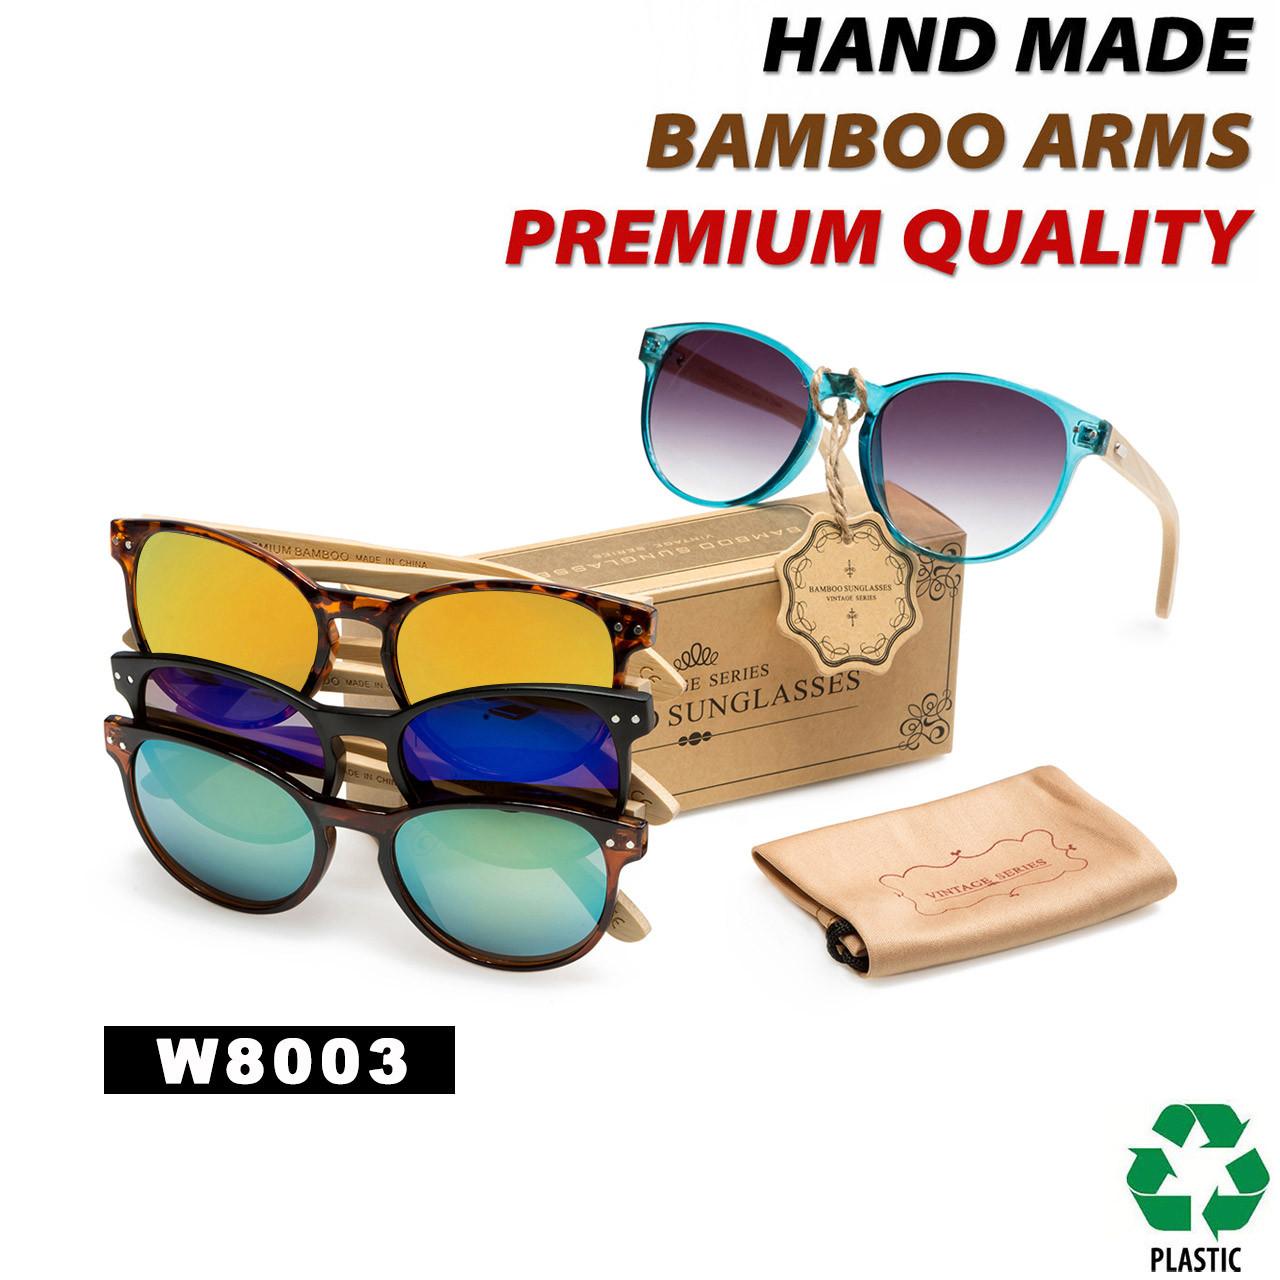 Women's Fashion Bamboo Wood Sunglasses - Style #W8003